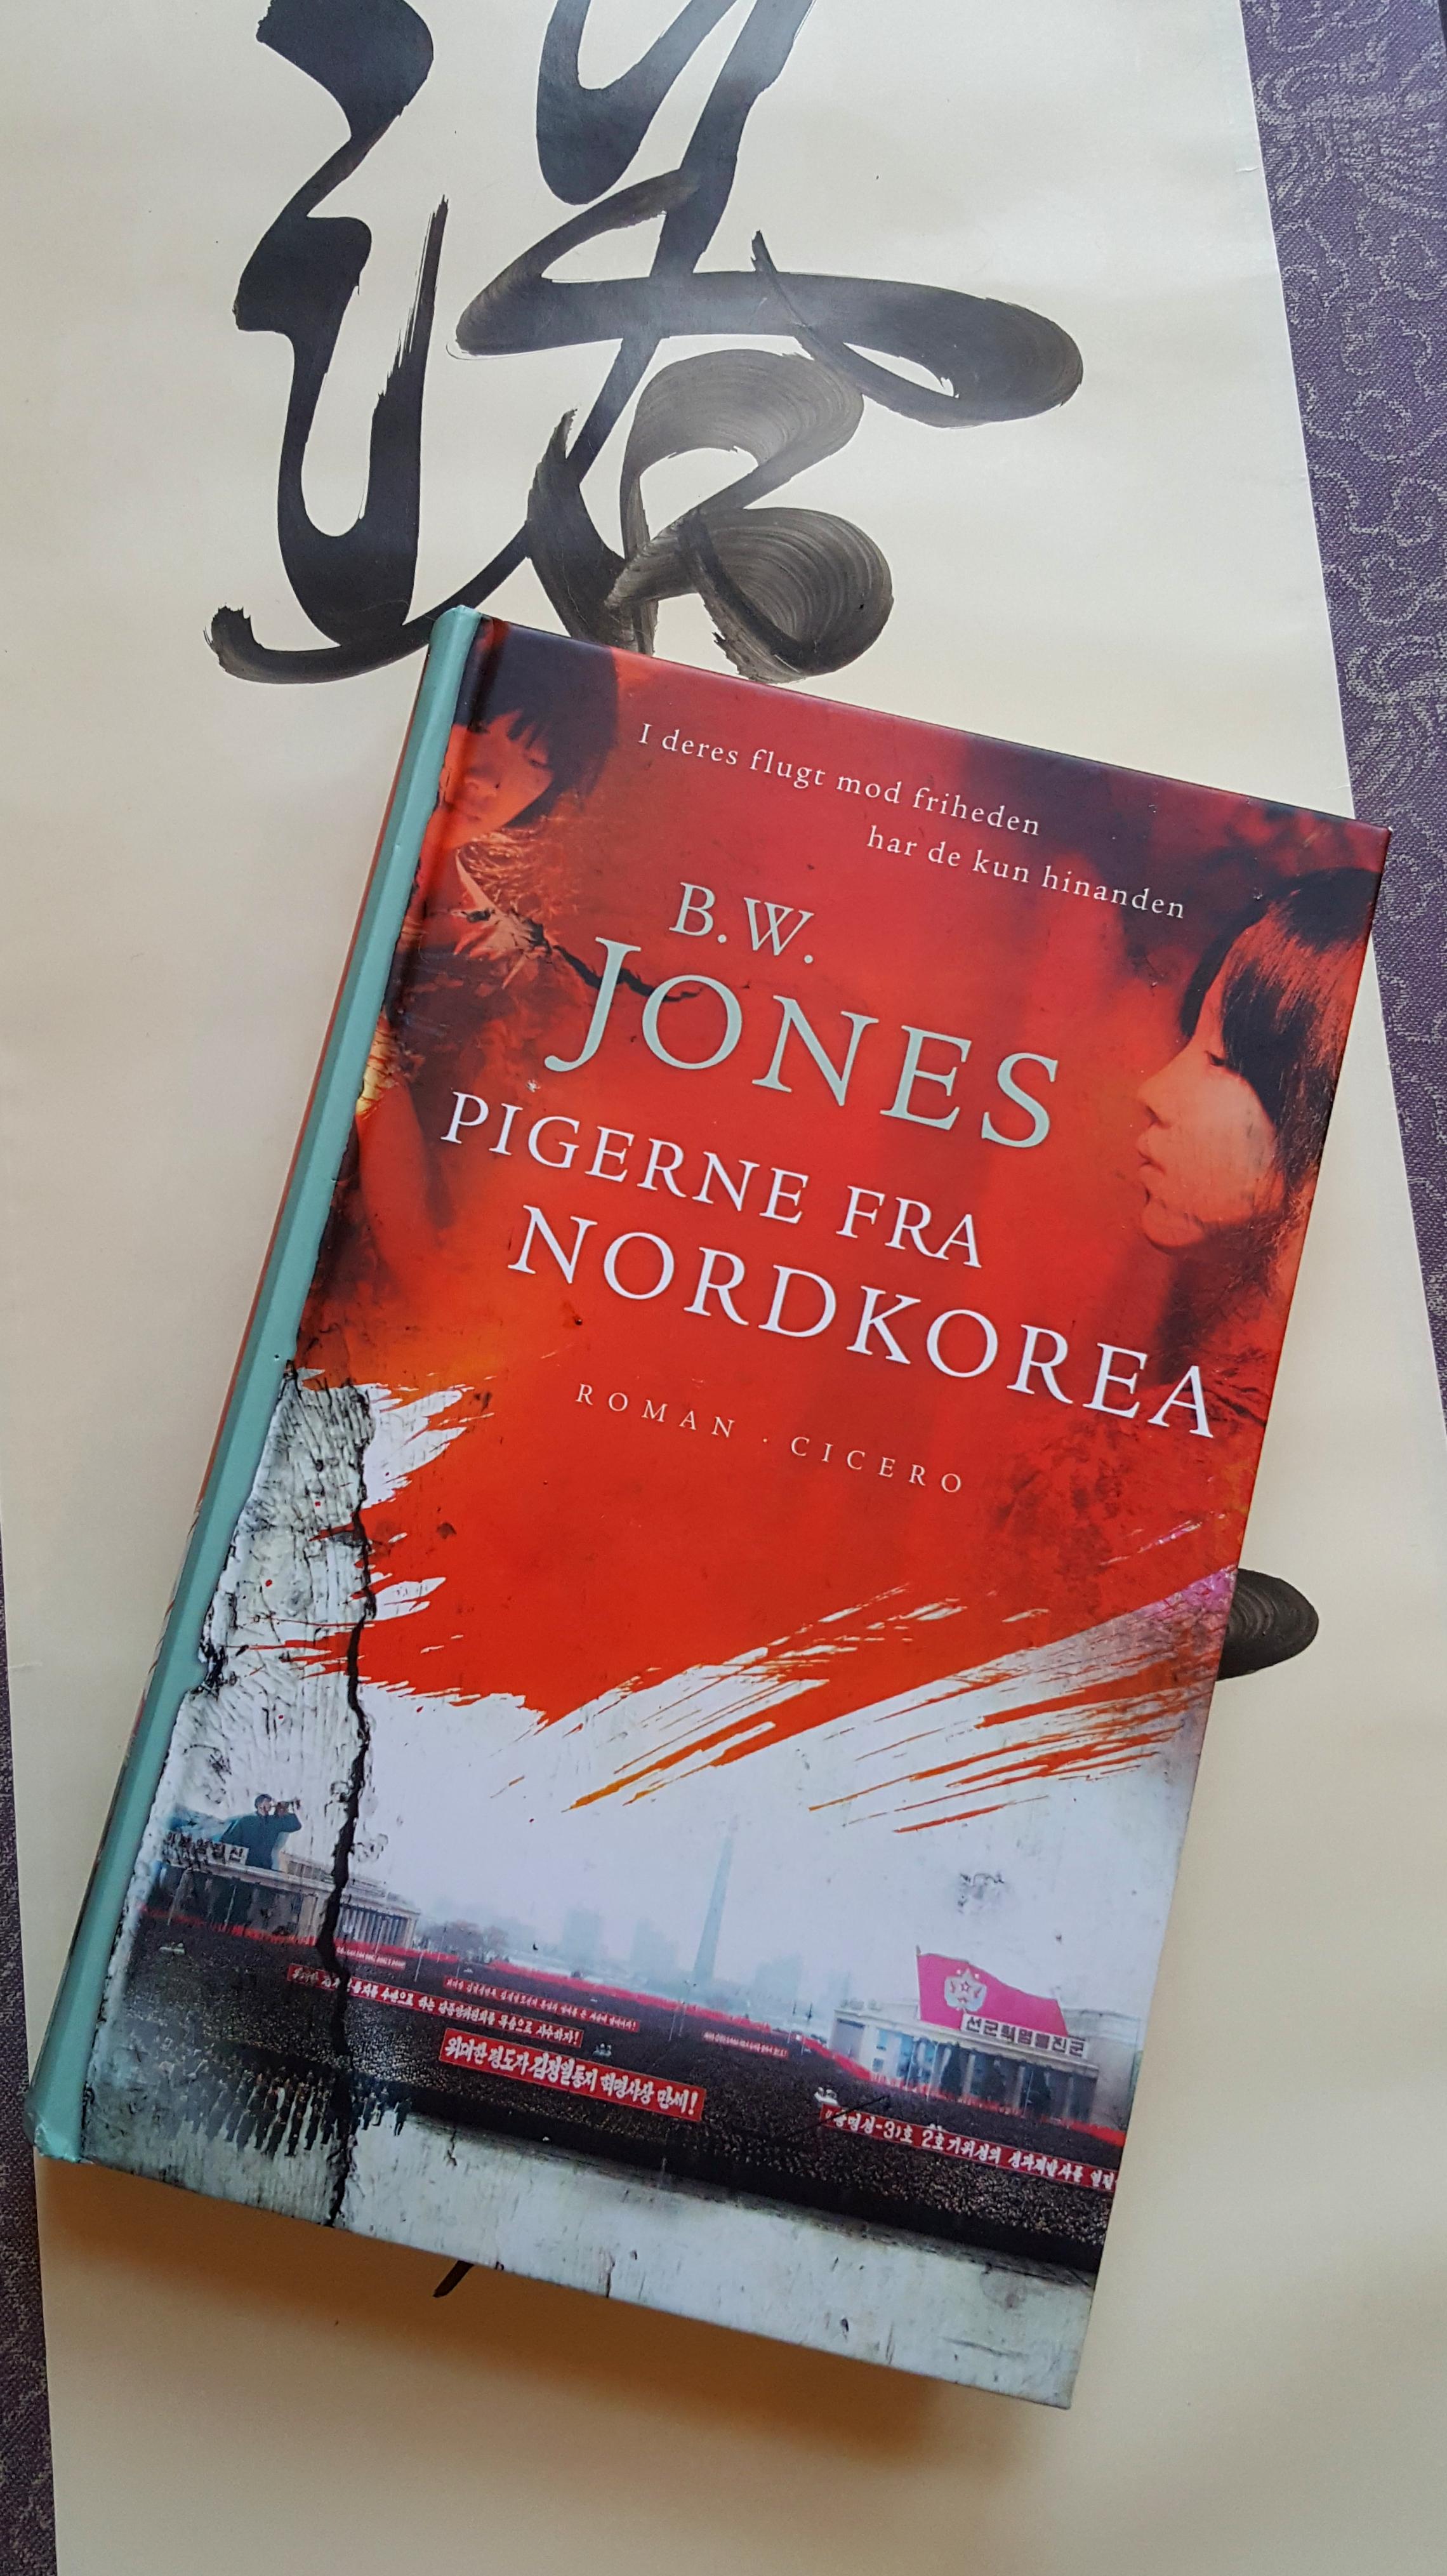 Pigerne fra Nordkorea af B.W. Jones